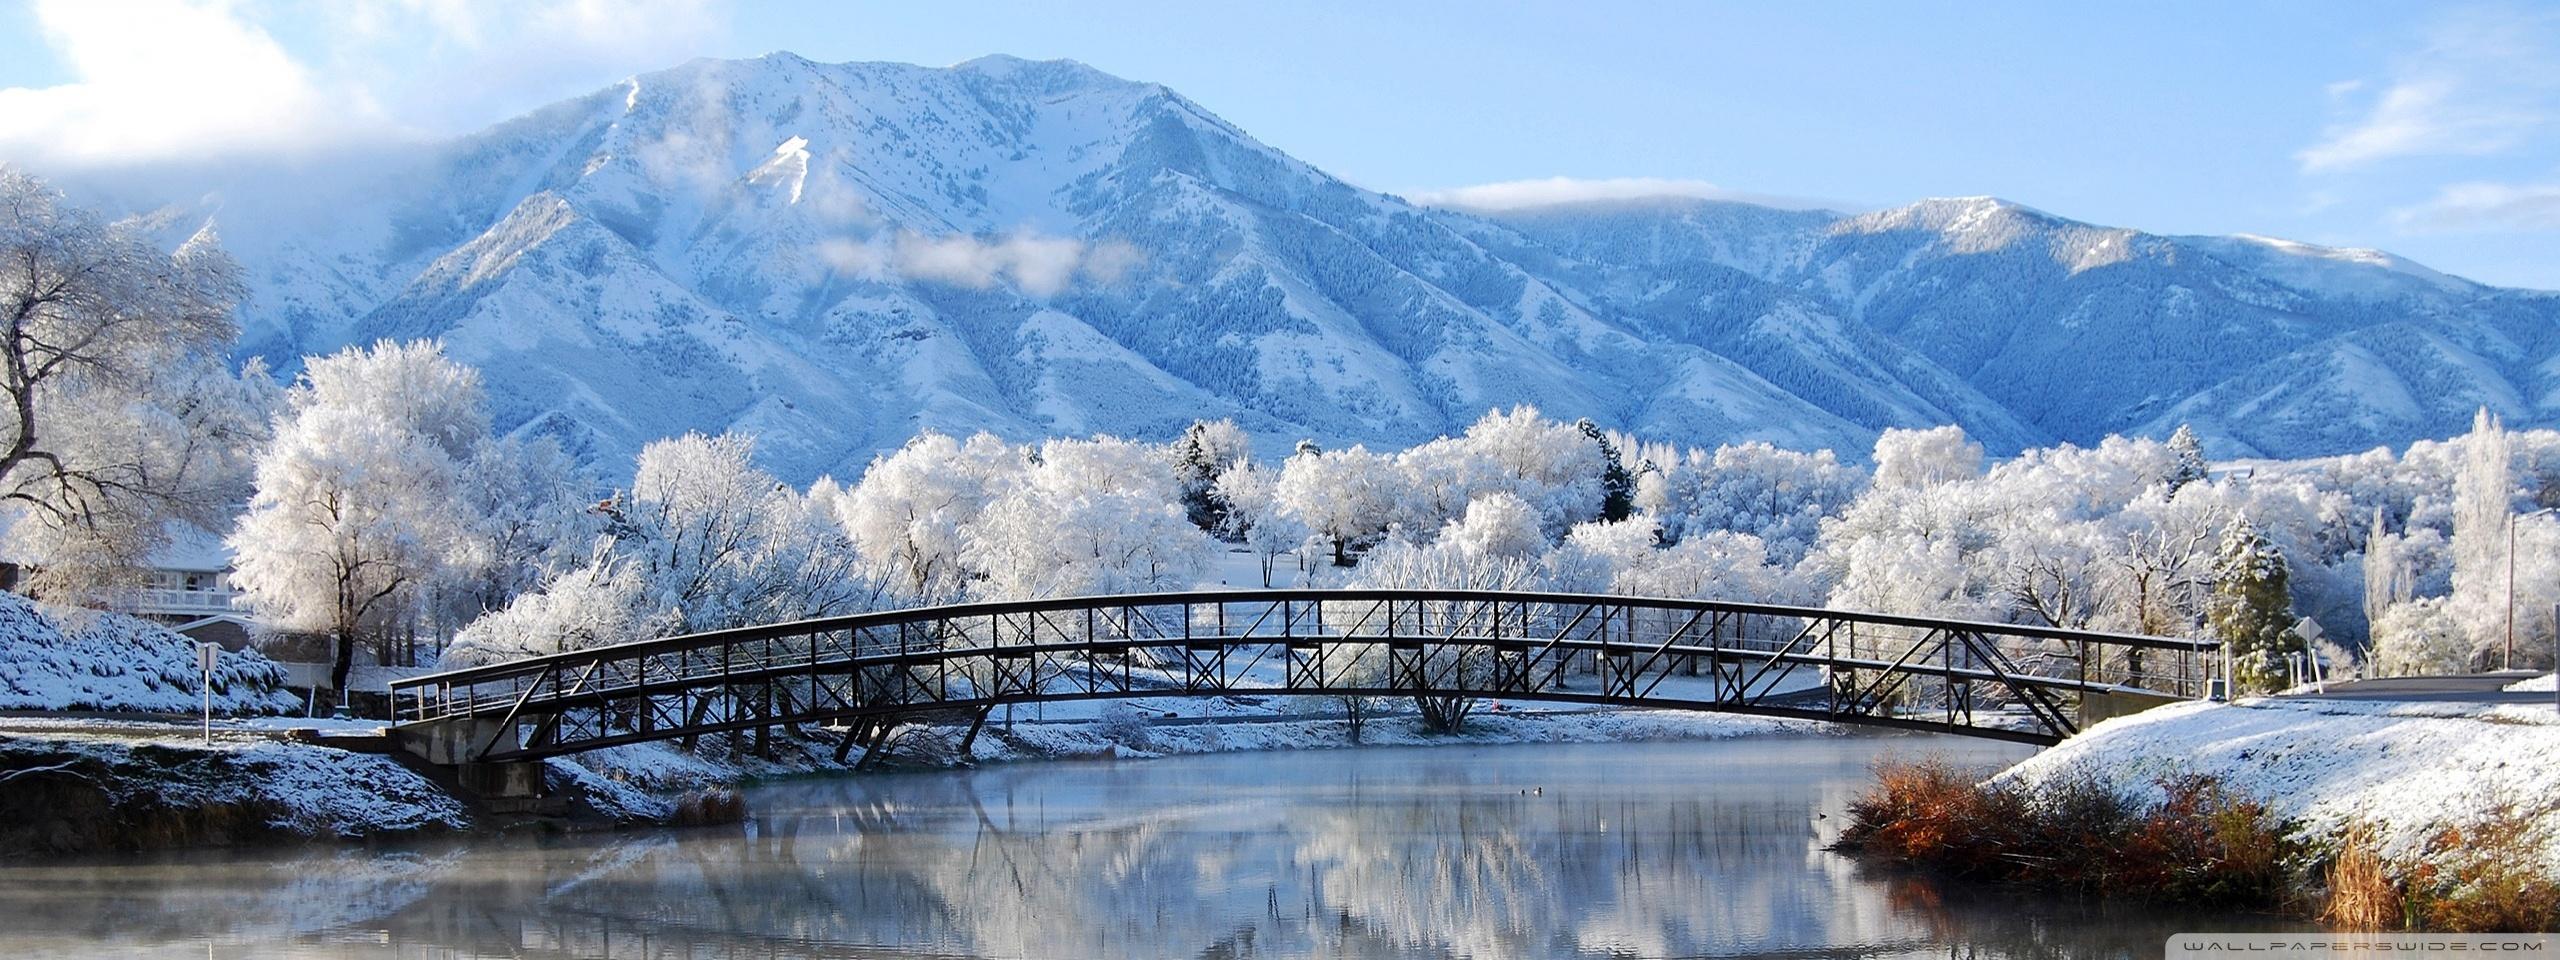 Beautiful Winter Scene 4K HD Desktop Wallpaper for 4K Ultra HD 2560x960